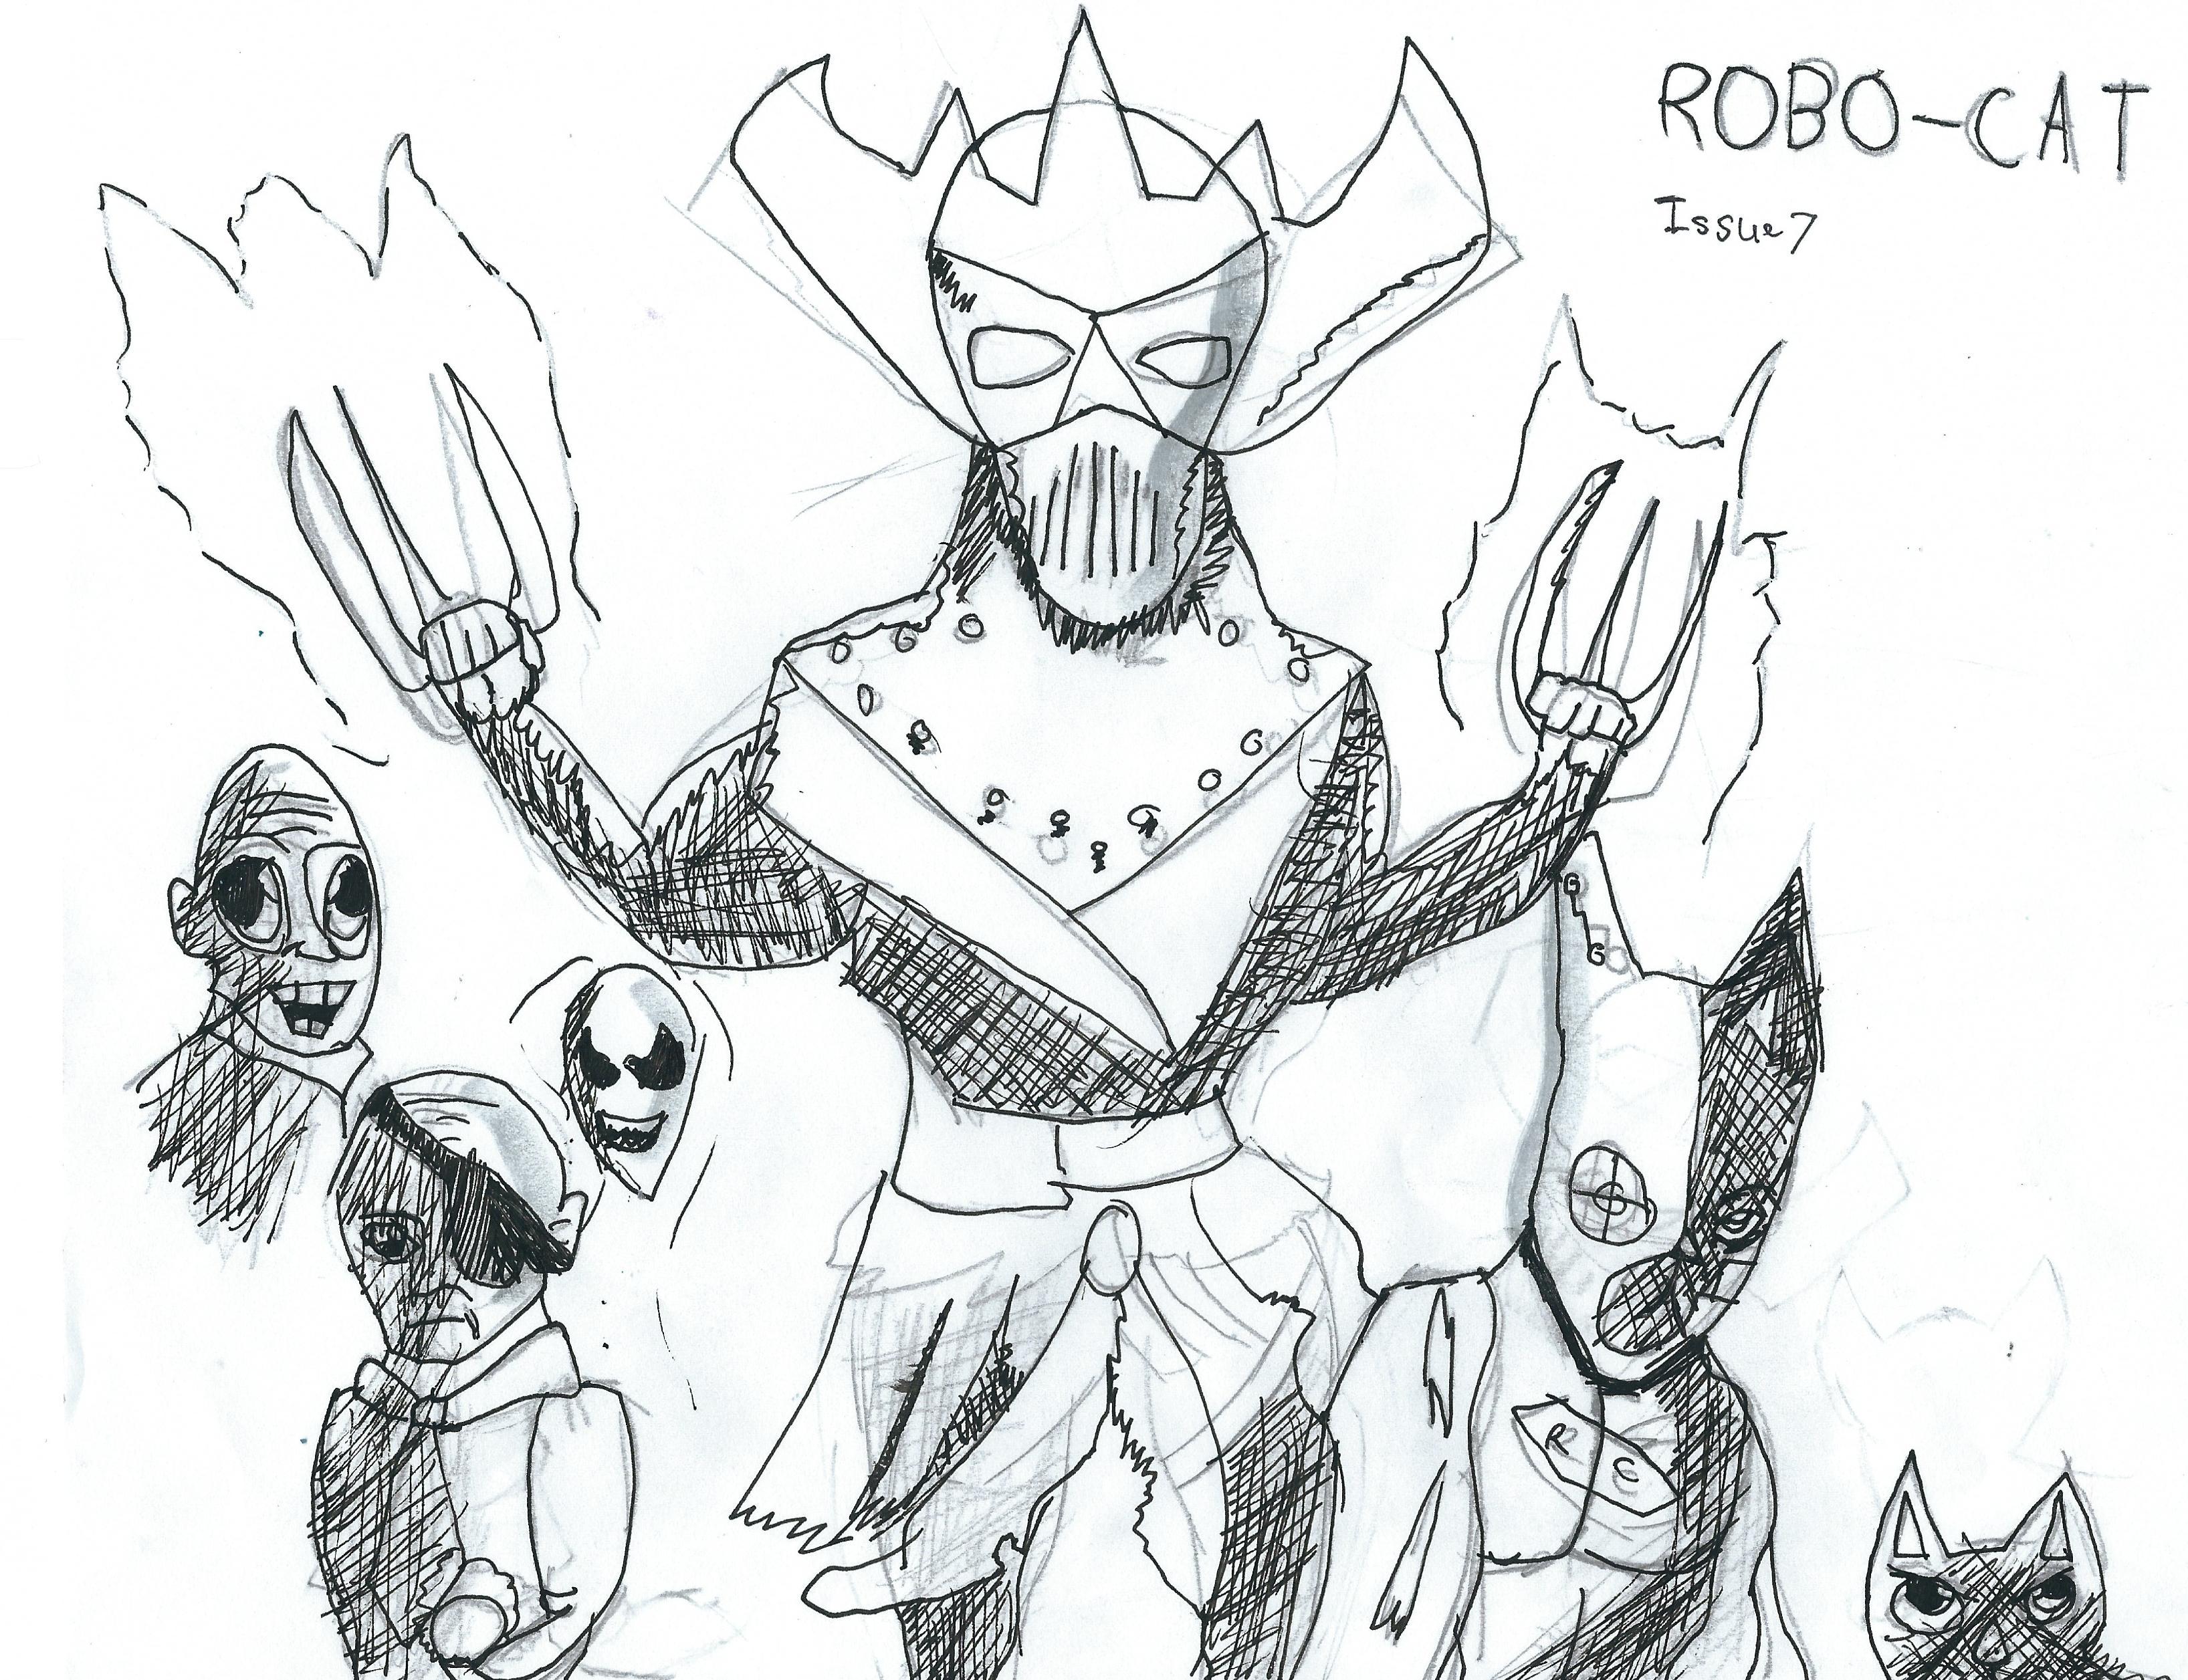 Robocat7